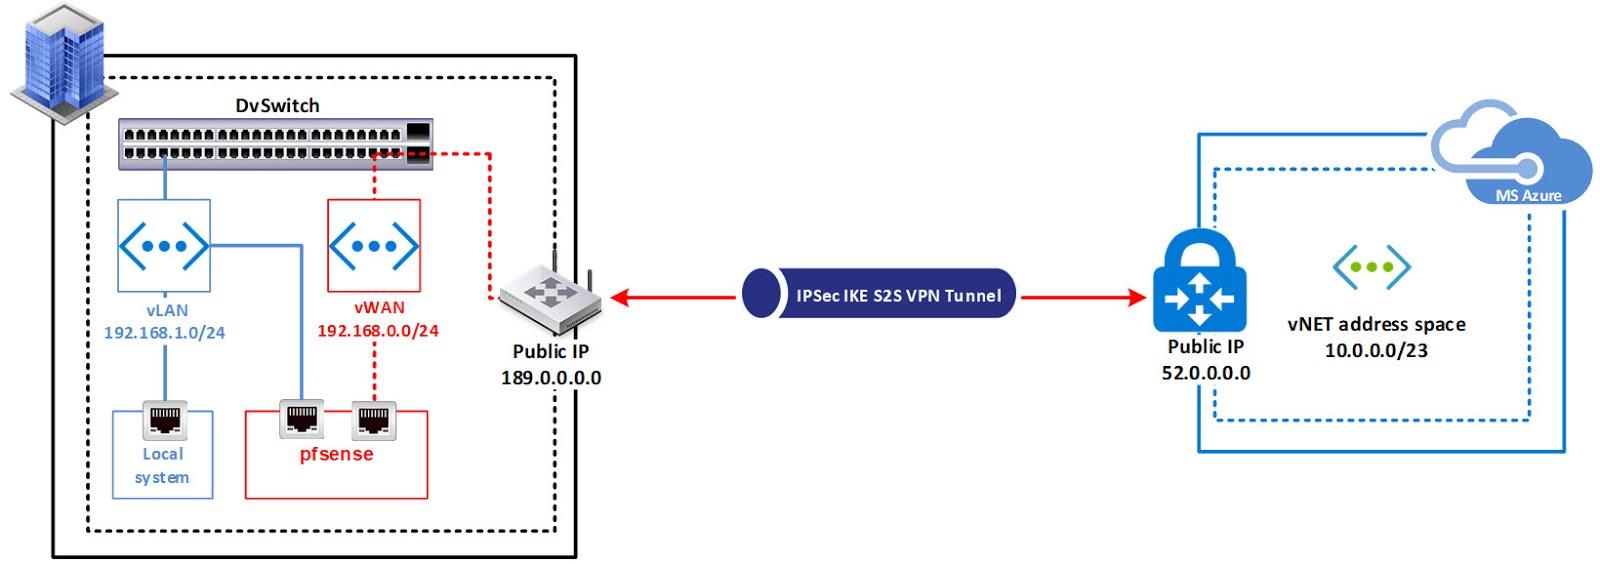 sap hana 2 0 hybrid landscape management with lama 3 0 solution manager 7 2 part 1 [ 1600 x 564 Pixel ]